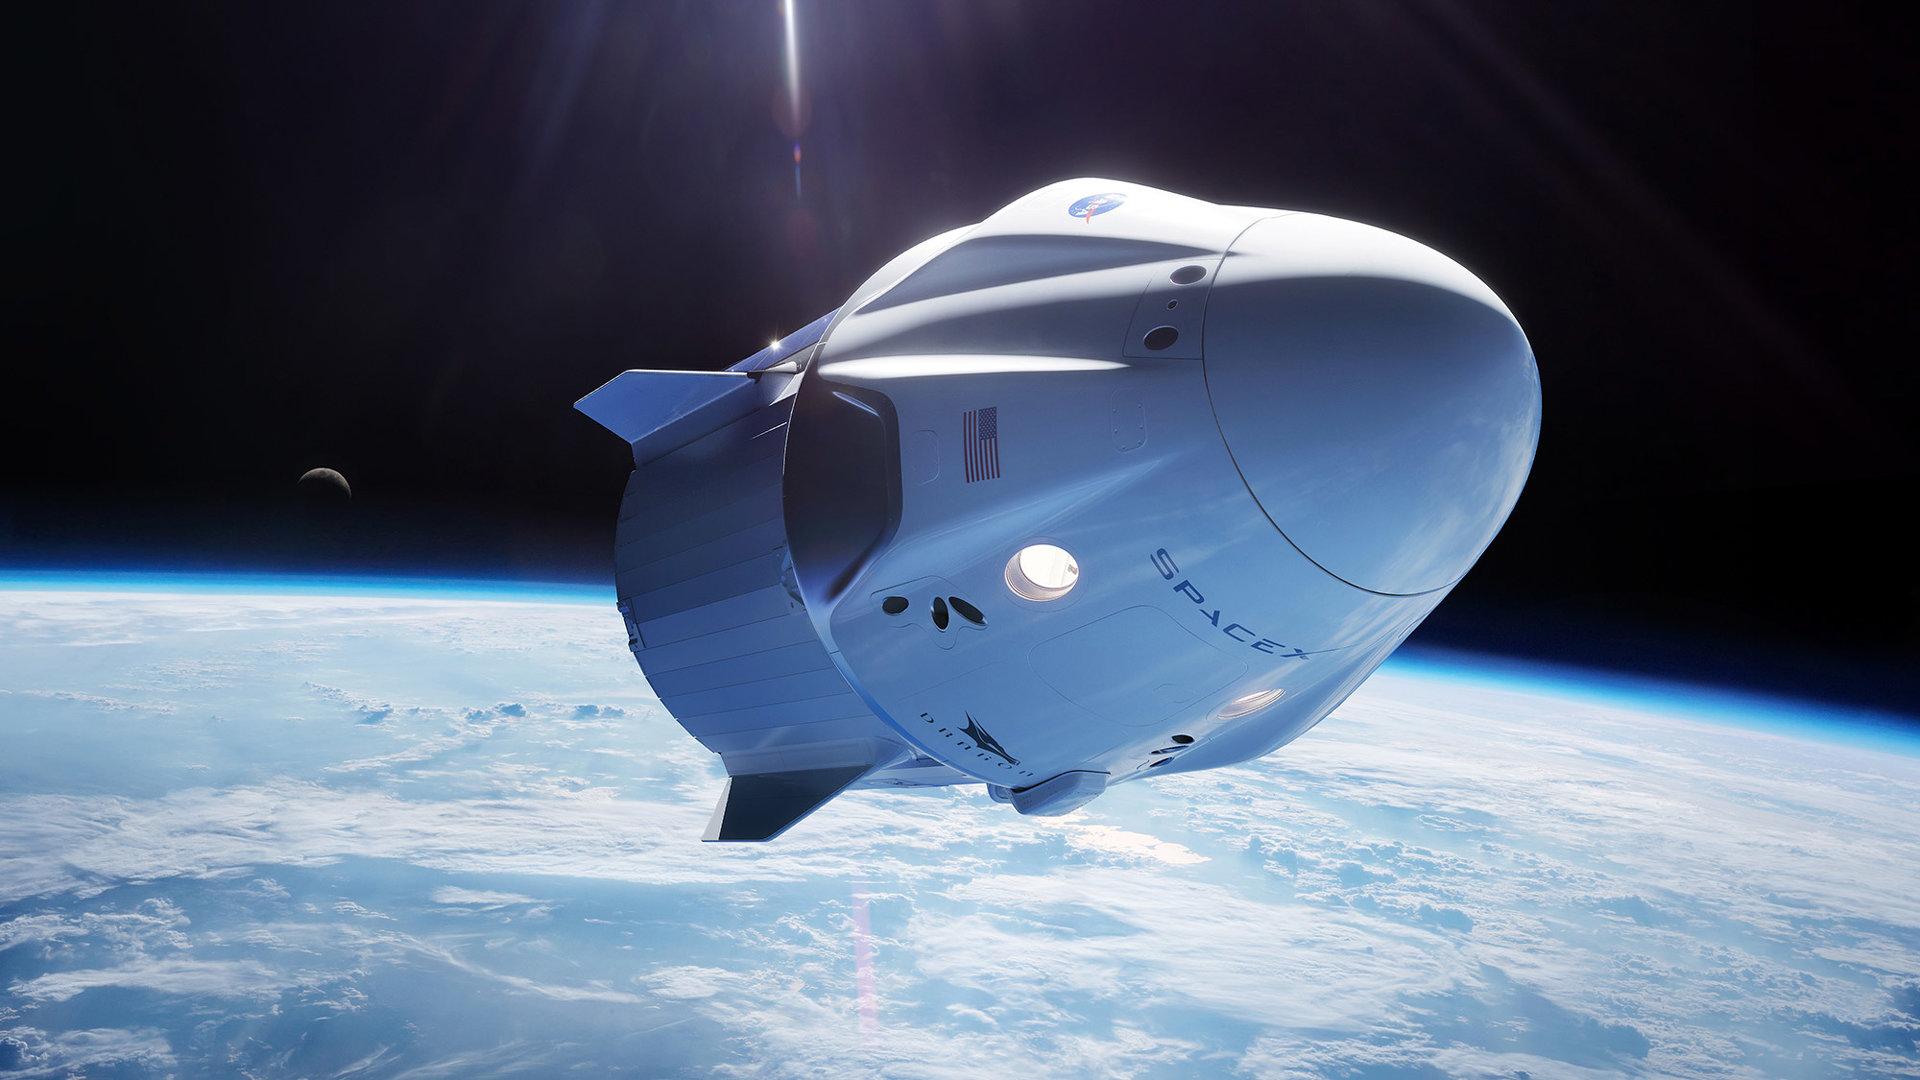 Spacexの Crew Dragon での民間人宇宙旅行 早ければ2021年にも実現